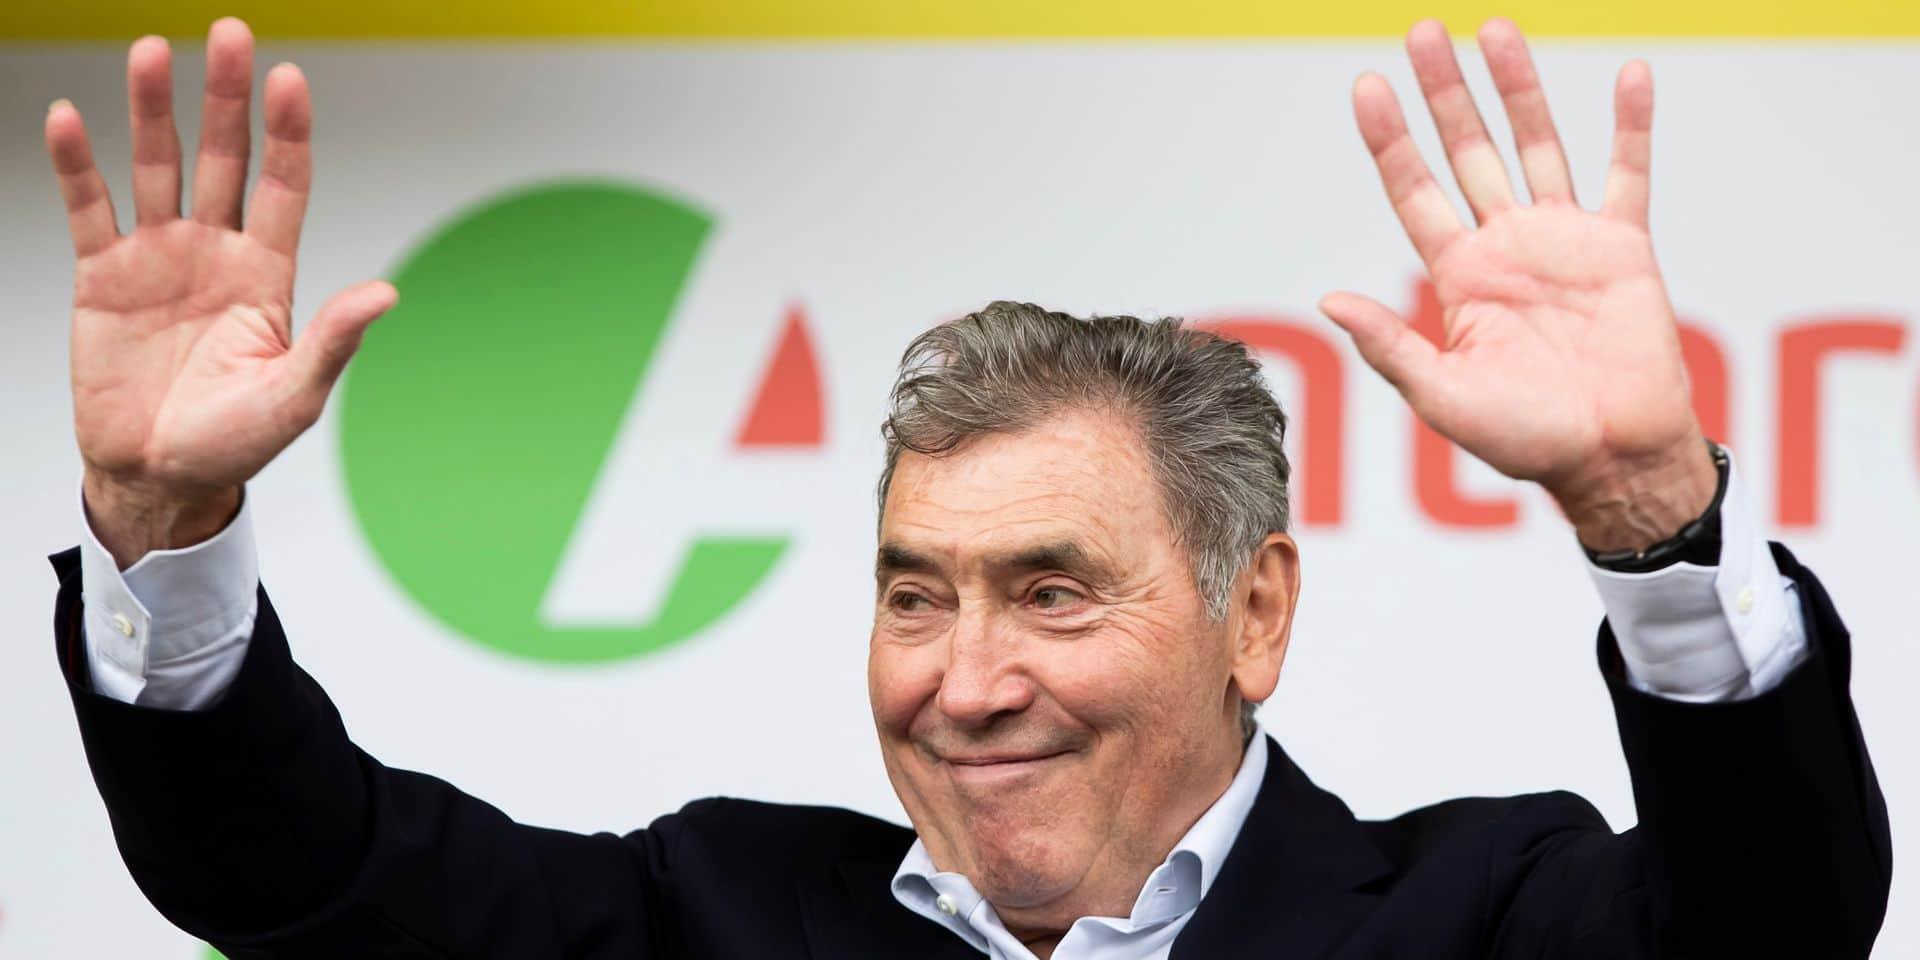 Merckx va inaugurer un nouveau musée consacré à la 2e Guerre mondiale à Meensel-Kiezegem